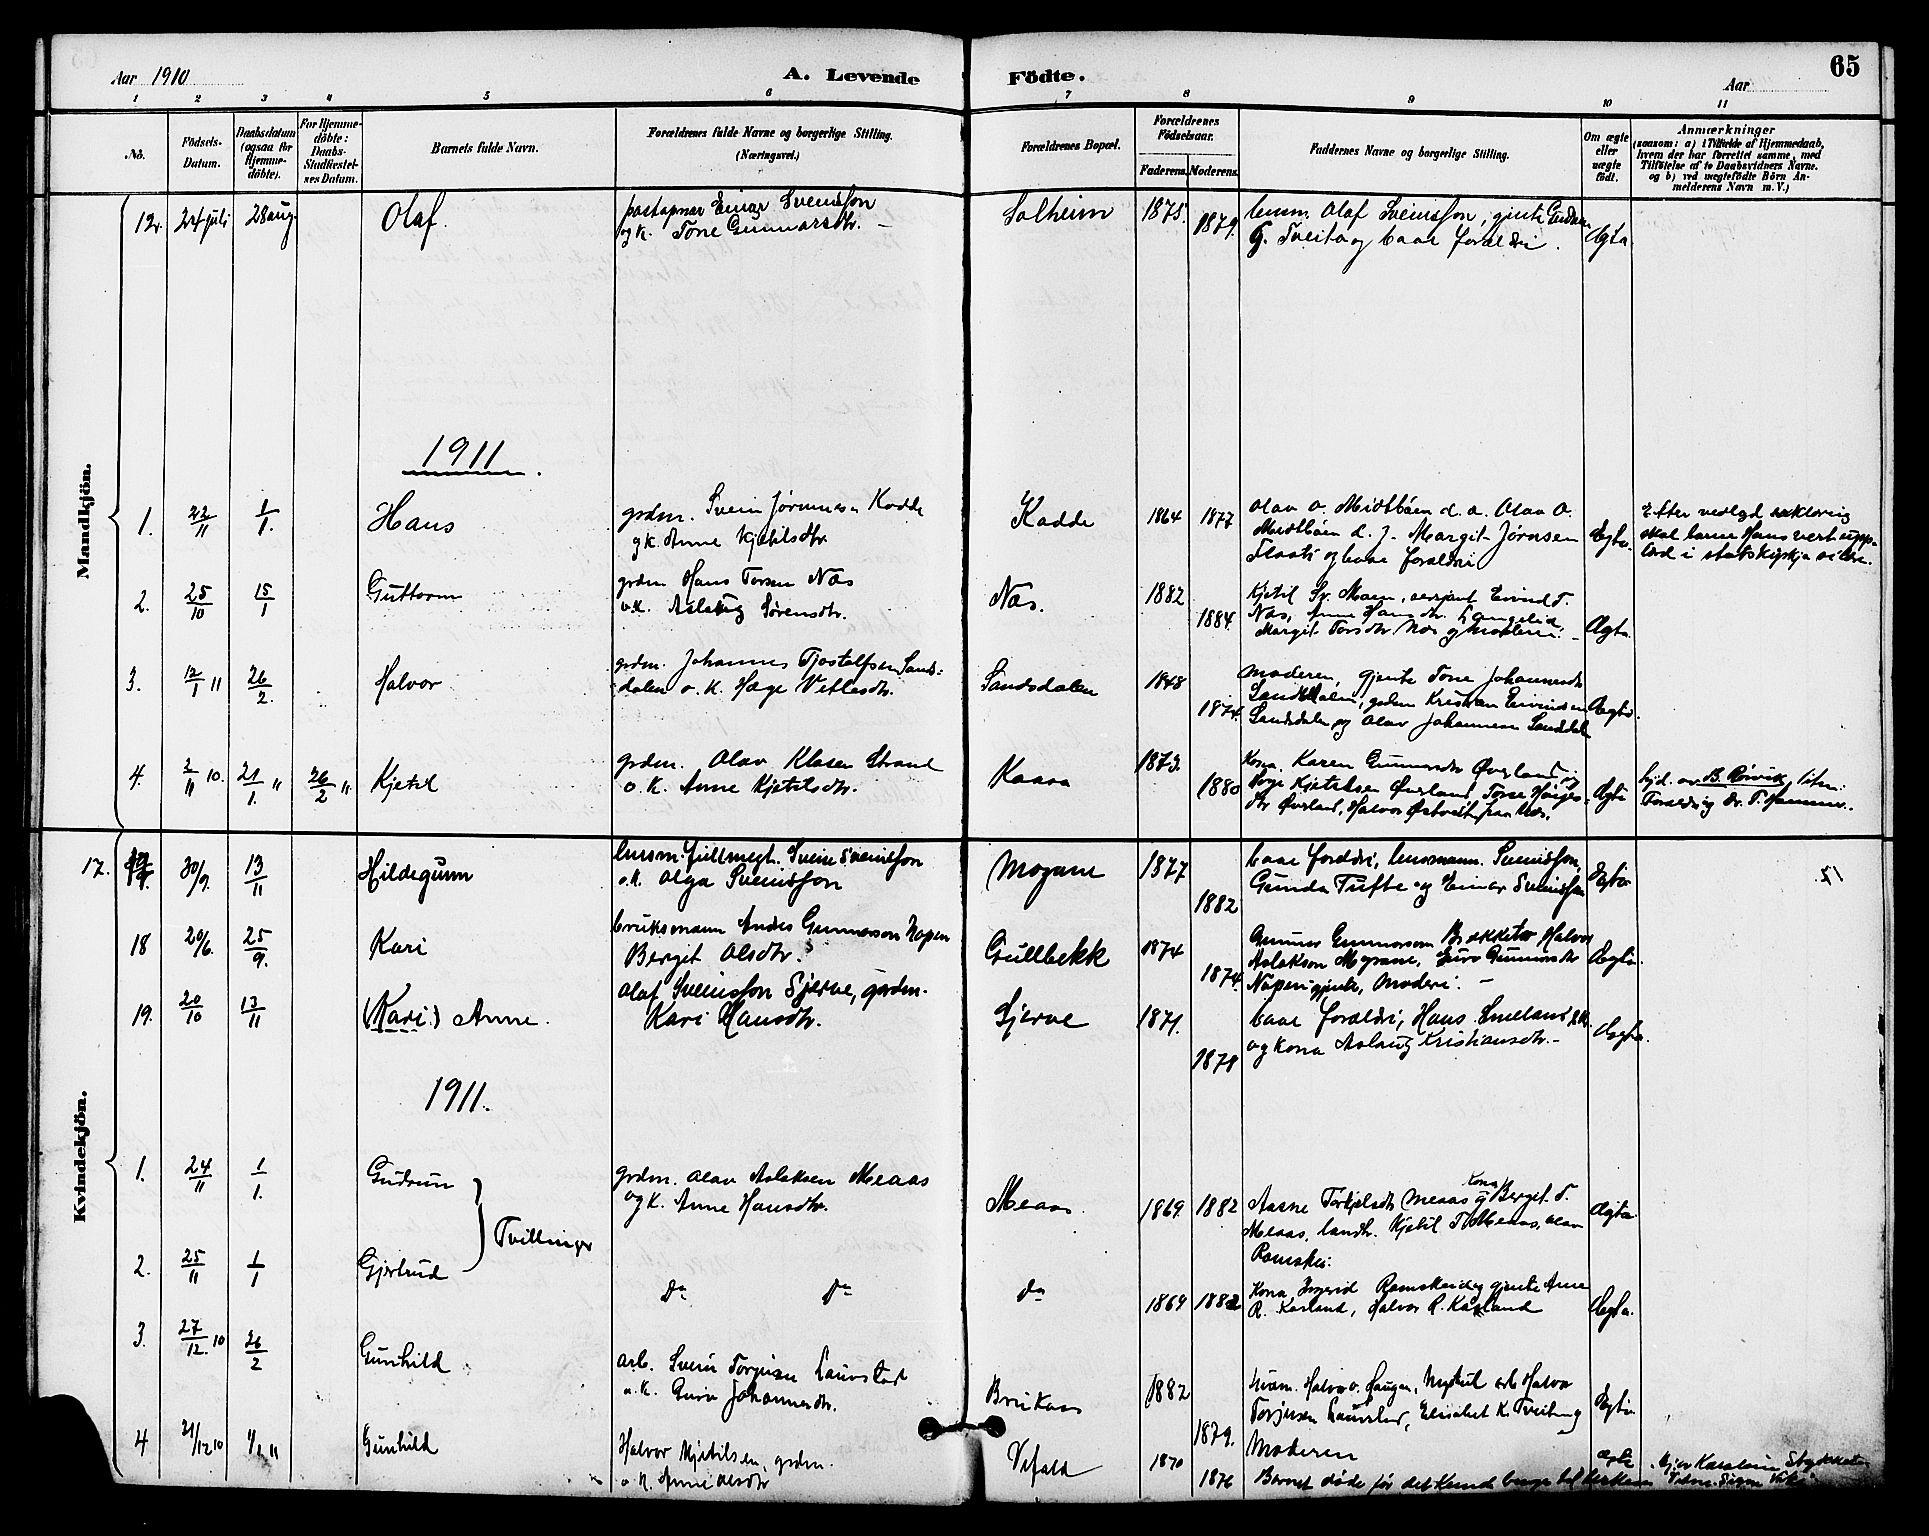 SAKO, Seljord kirkebøker, G/Ga/L0005: Klokkerbok nr. I 5, 1887-1914, s. 65